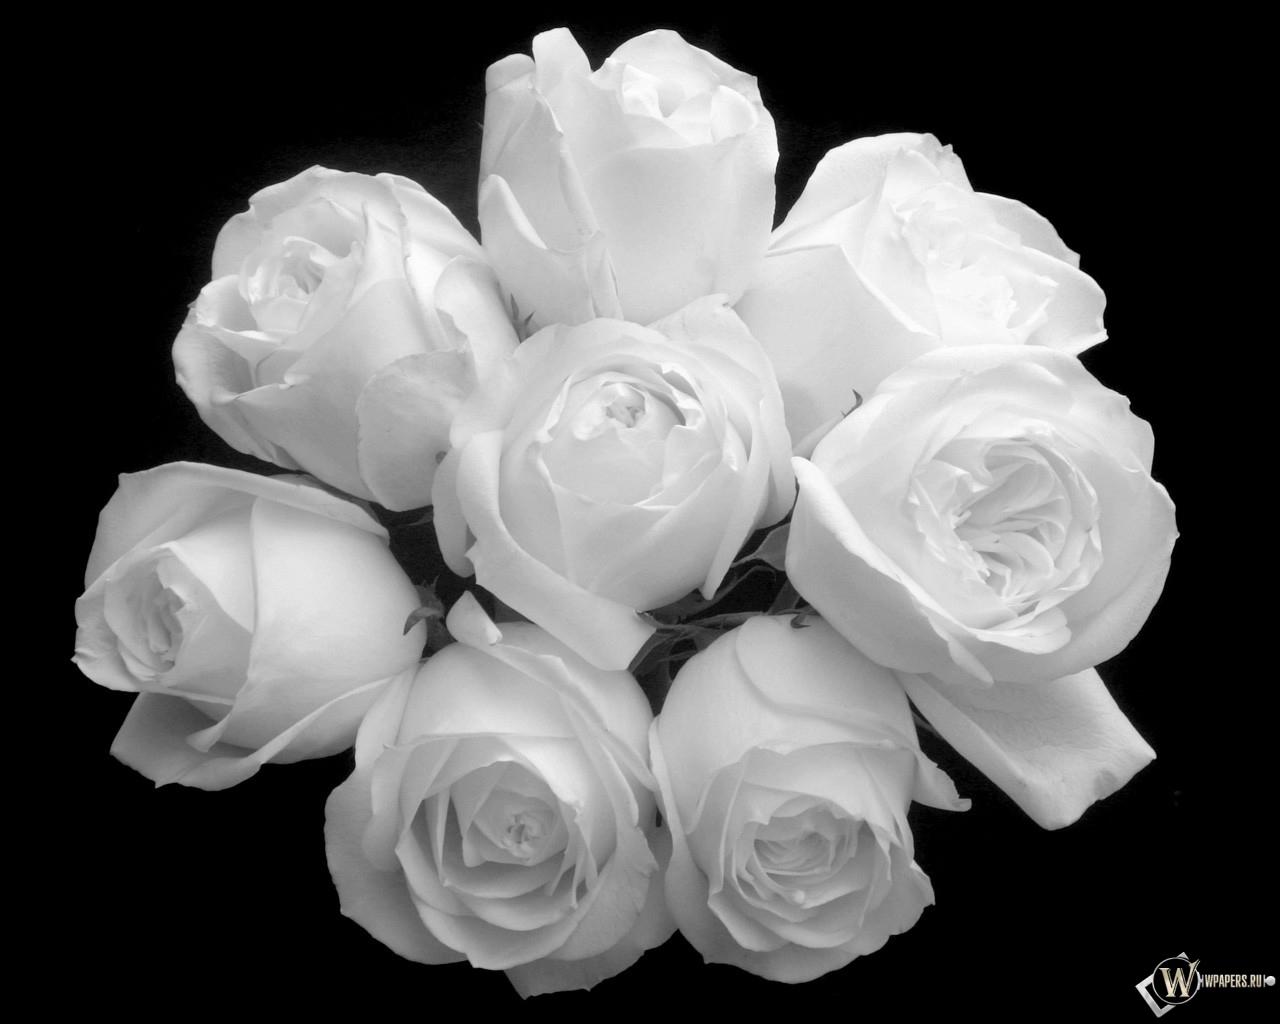 Букет белых роз 1280x1024